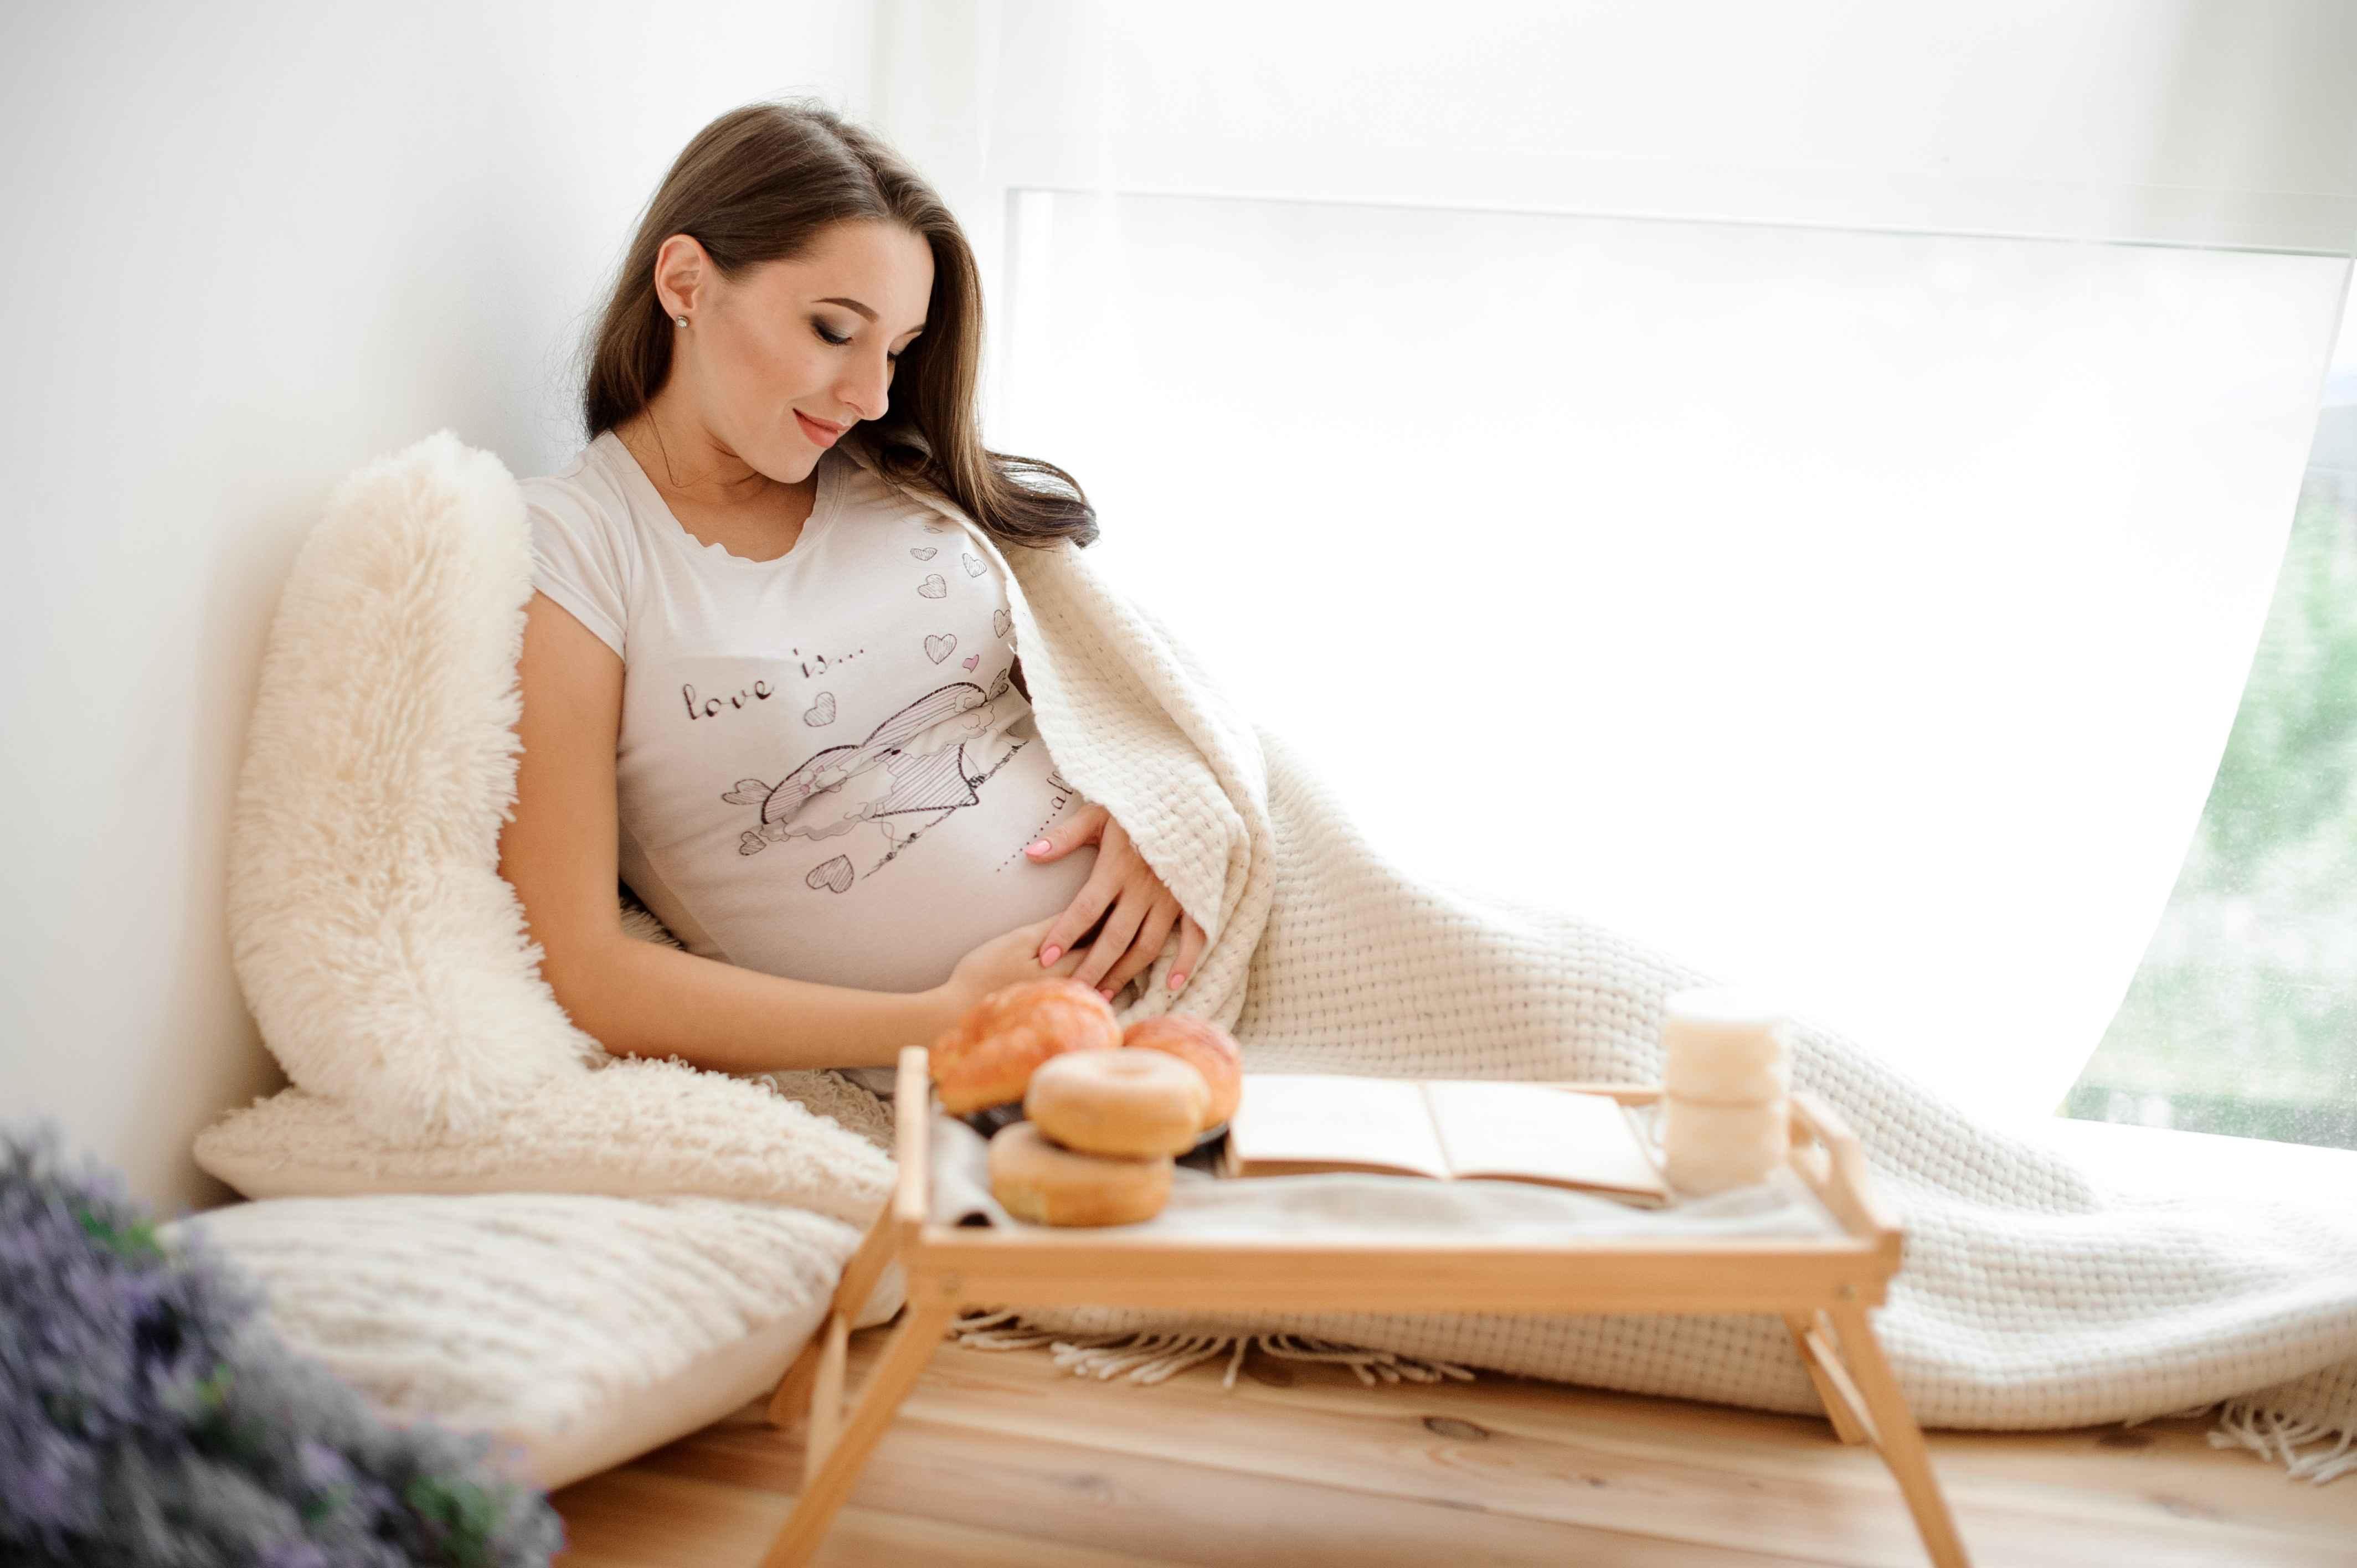 胎教不是越多越好,妈妈们要避免这些误区!